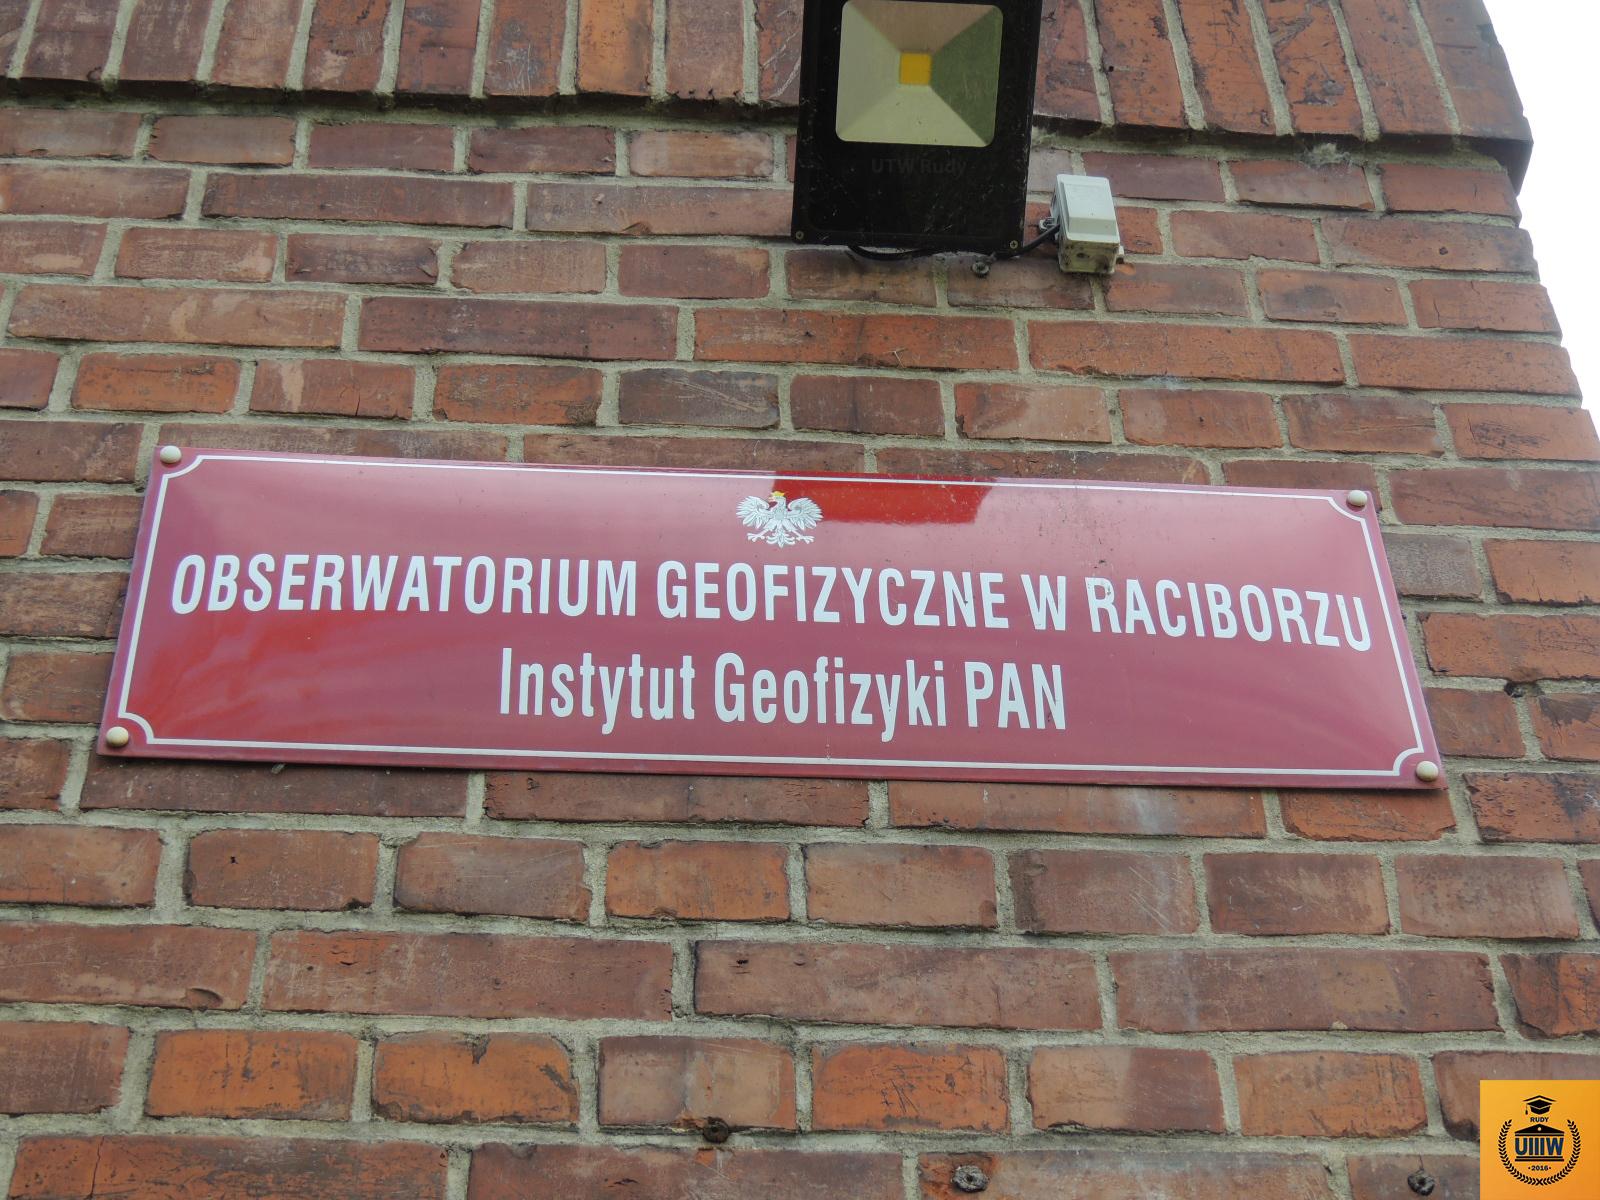 Wyjazd UTW do Obserwatorium Geofizycznego PAN w Raciborzu